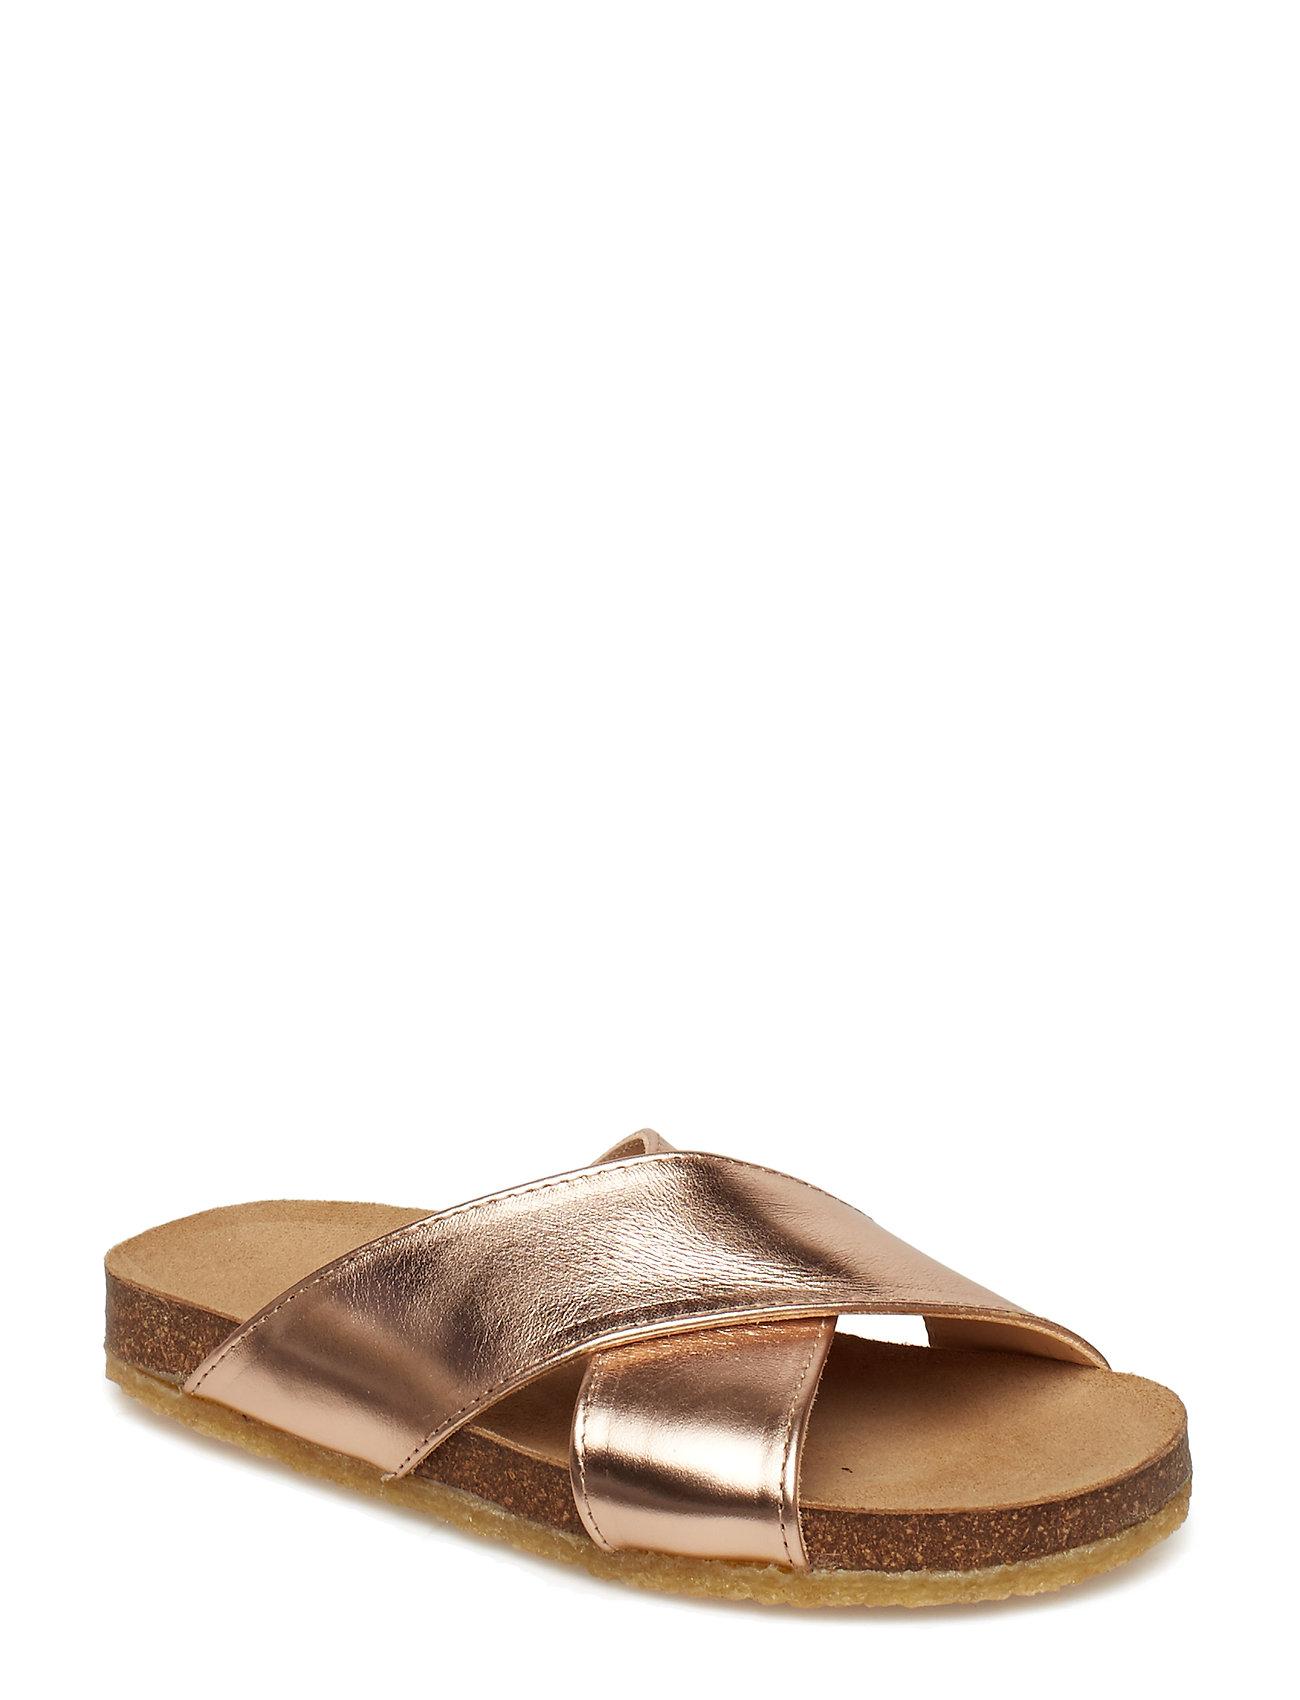 7748c4289500 1933 BLACK ANGULUS Sandals - Flat sandaler for børn - Pashion.dk